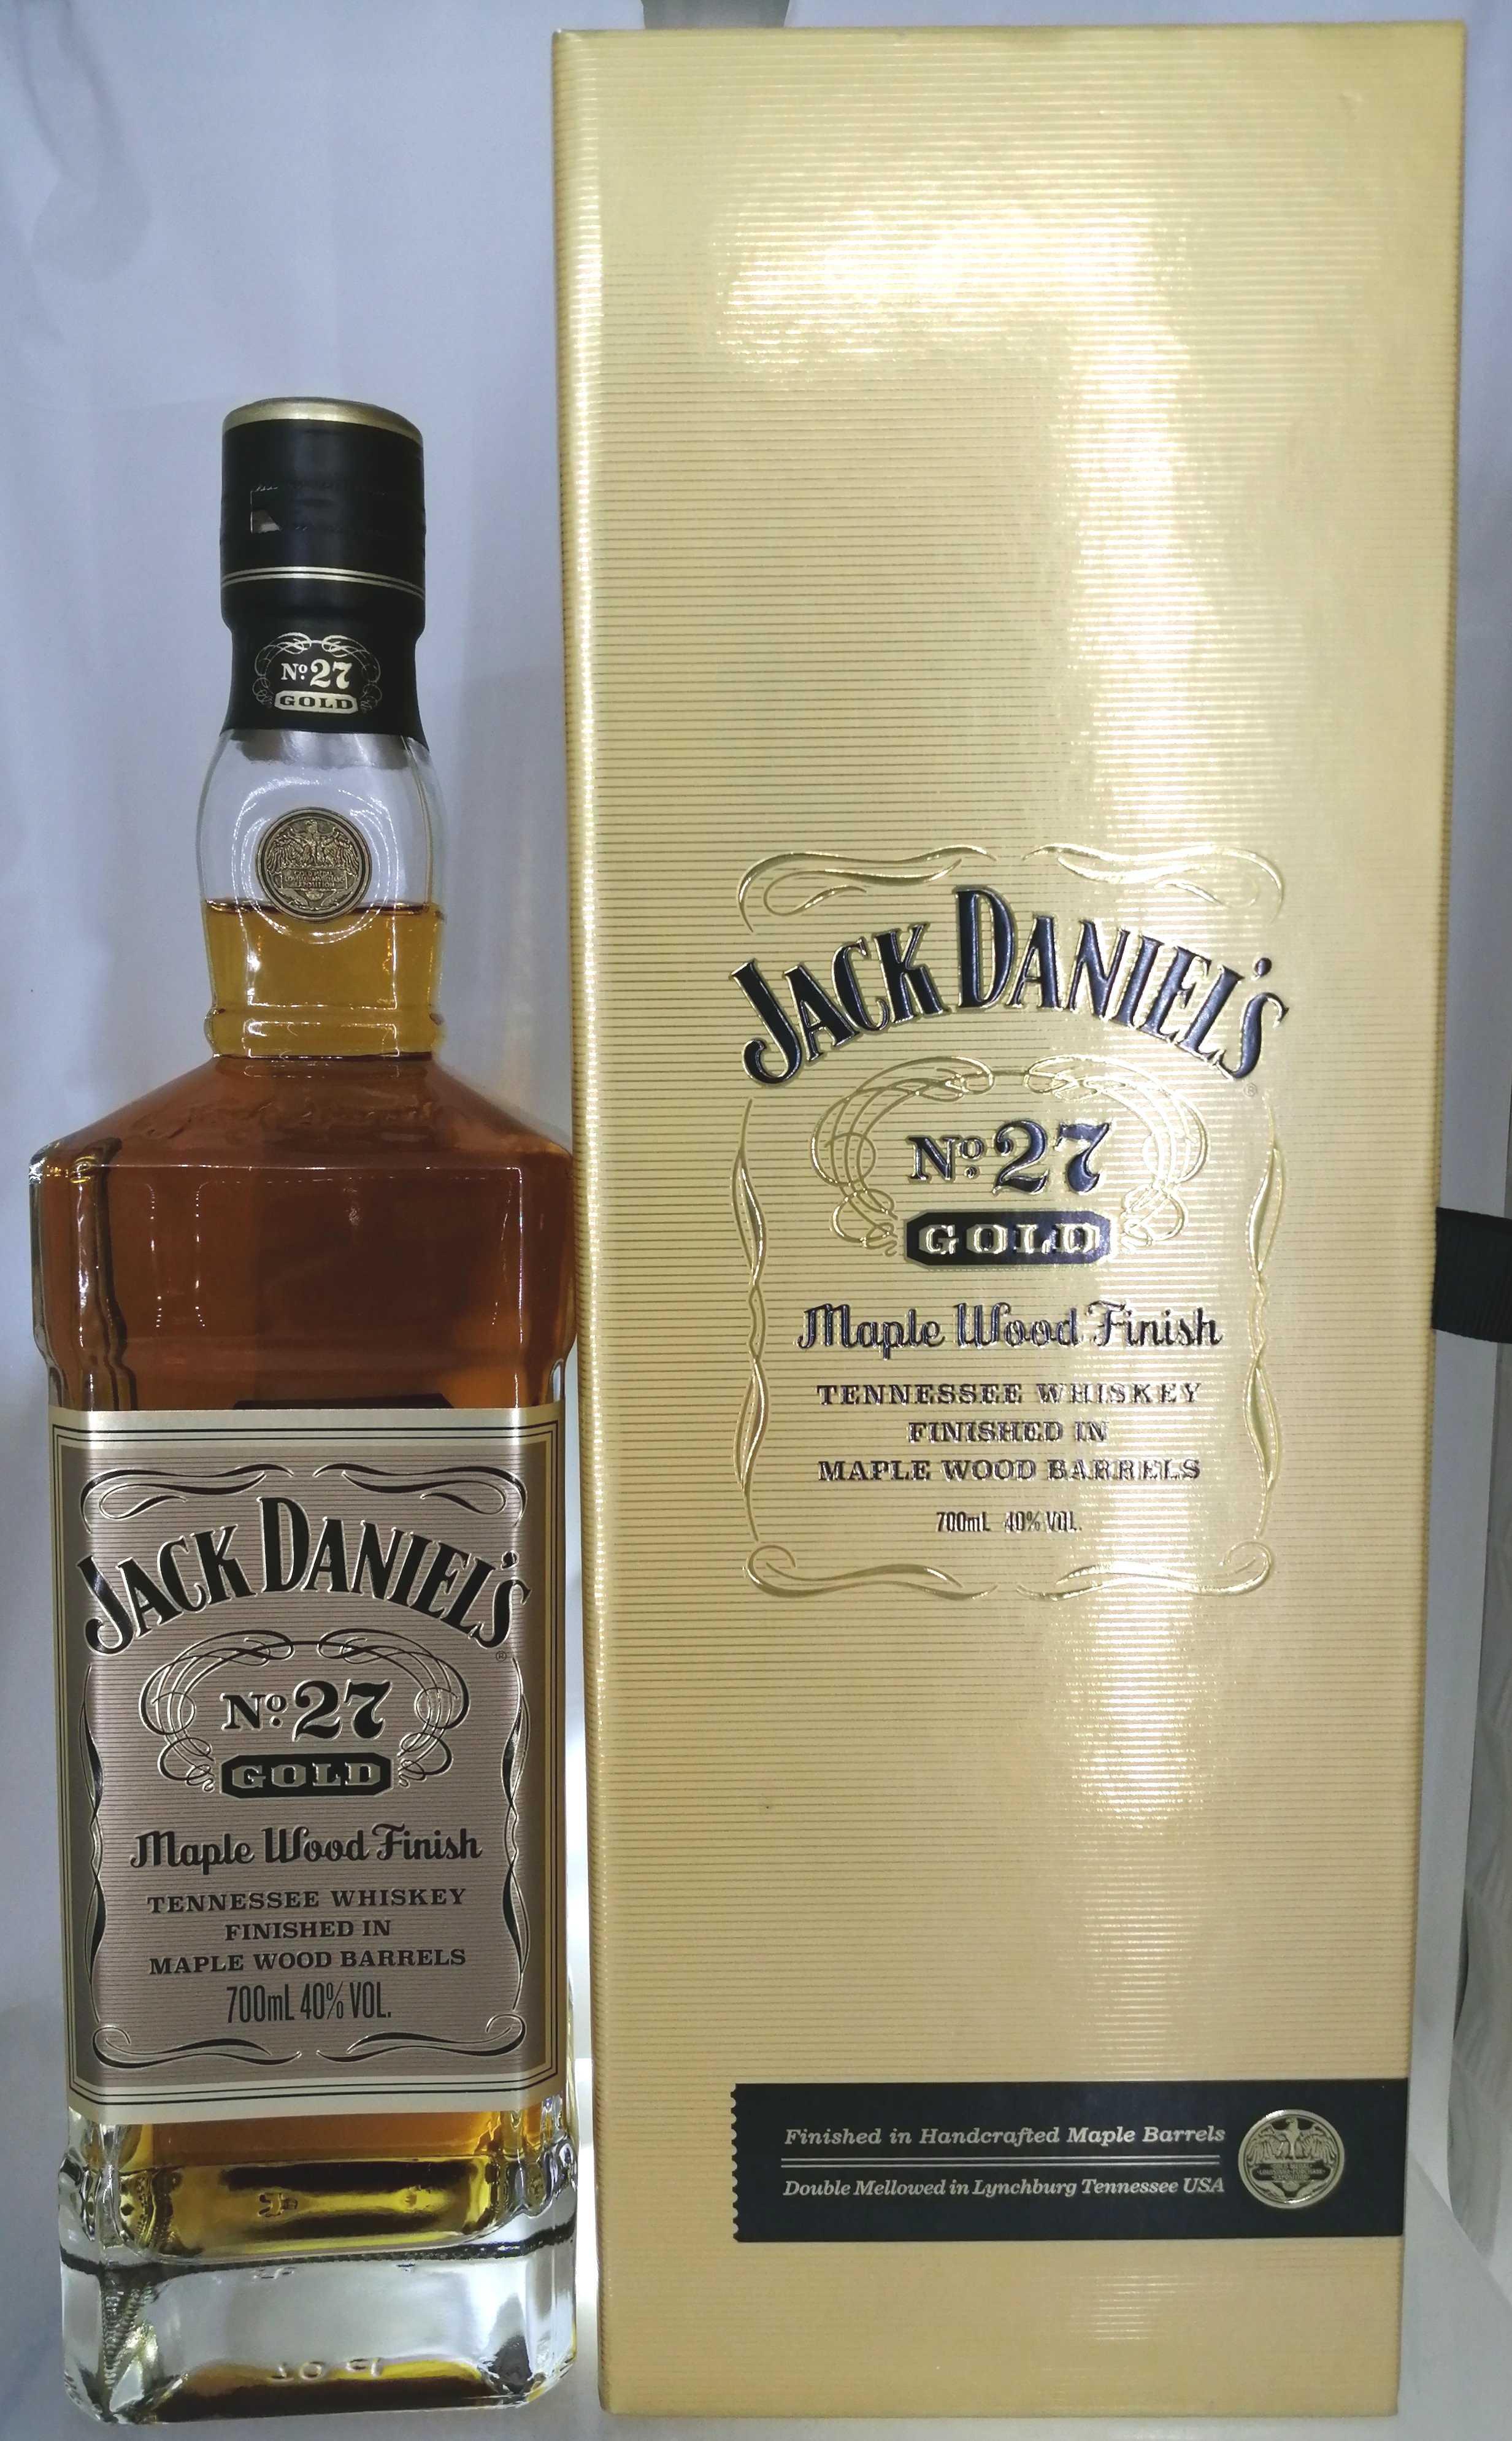 ジャックダニエル NO,27 ゴールド|JACK DANIEL'S